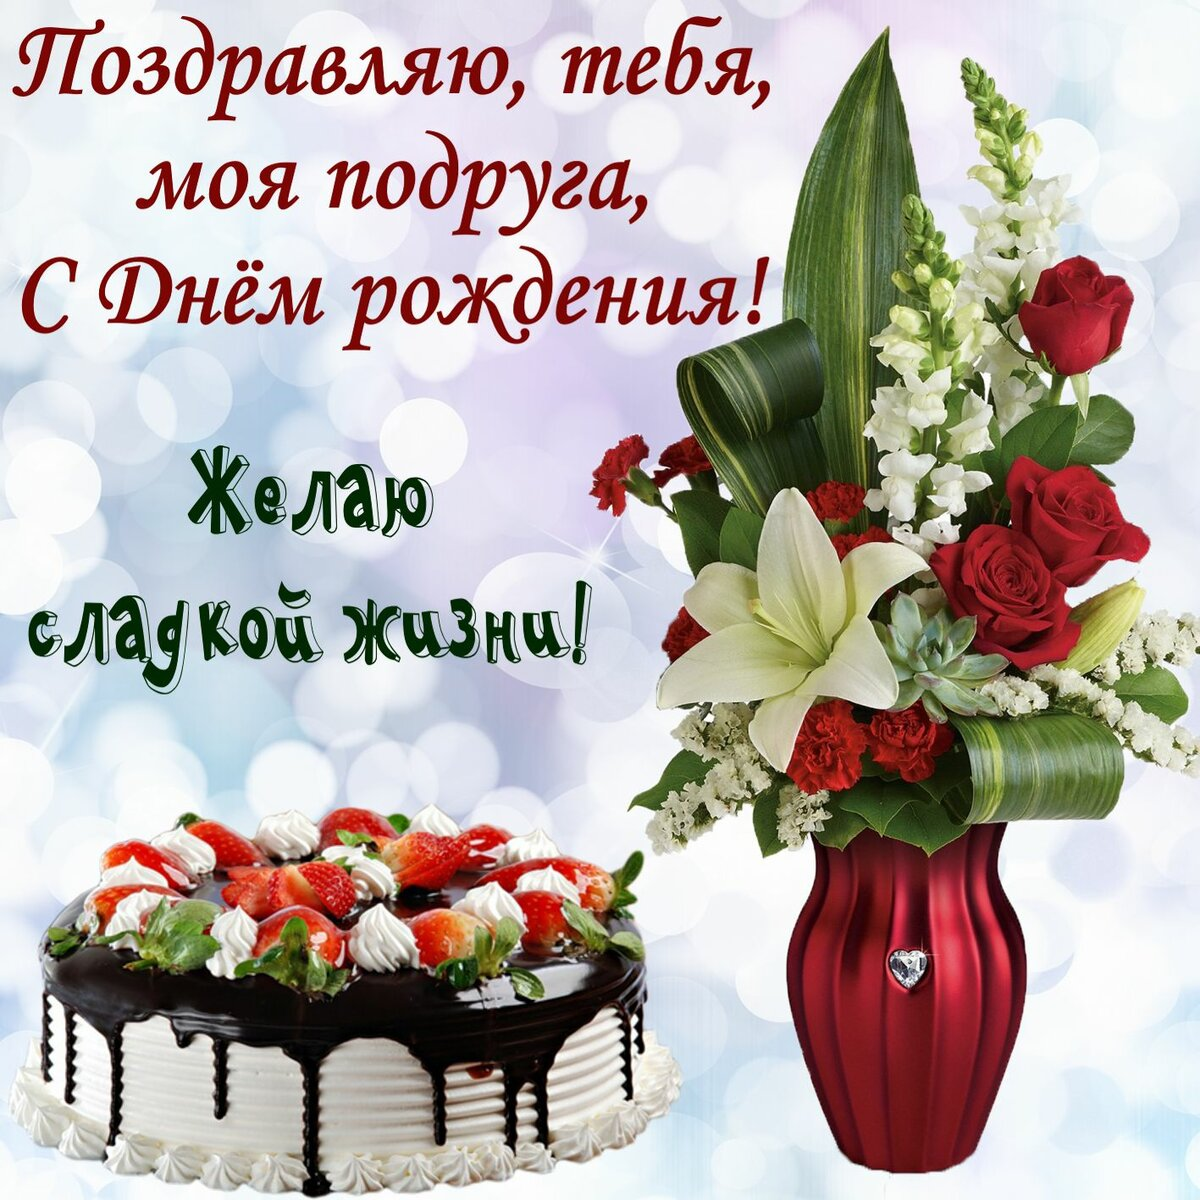 Поздравление с днем рождения подружке девочке